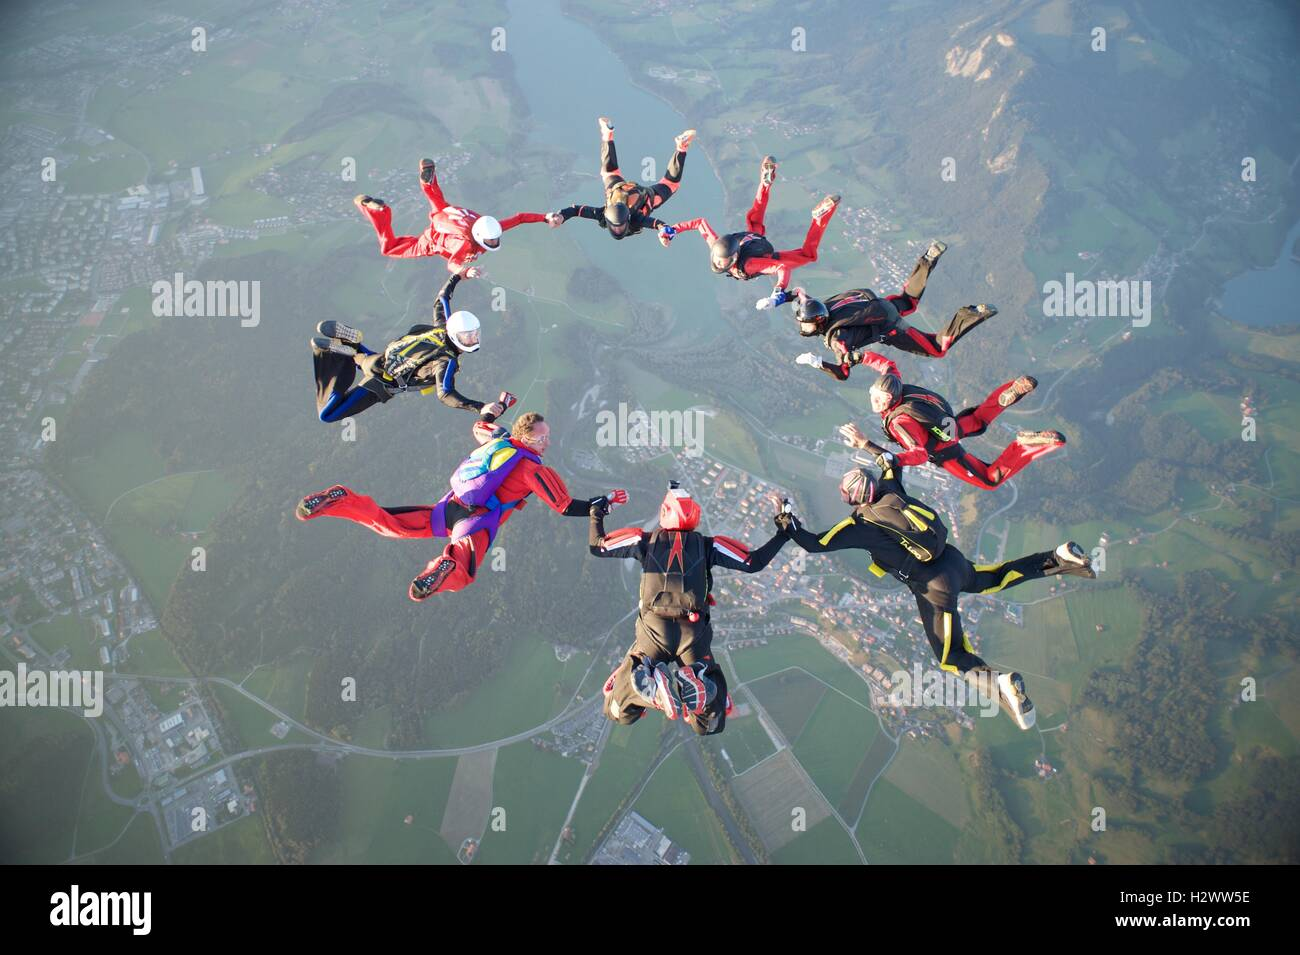 Neuf parachutistes forment une formation d'étoiles plus de Gruyères en Suisse Photo Stock